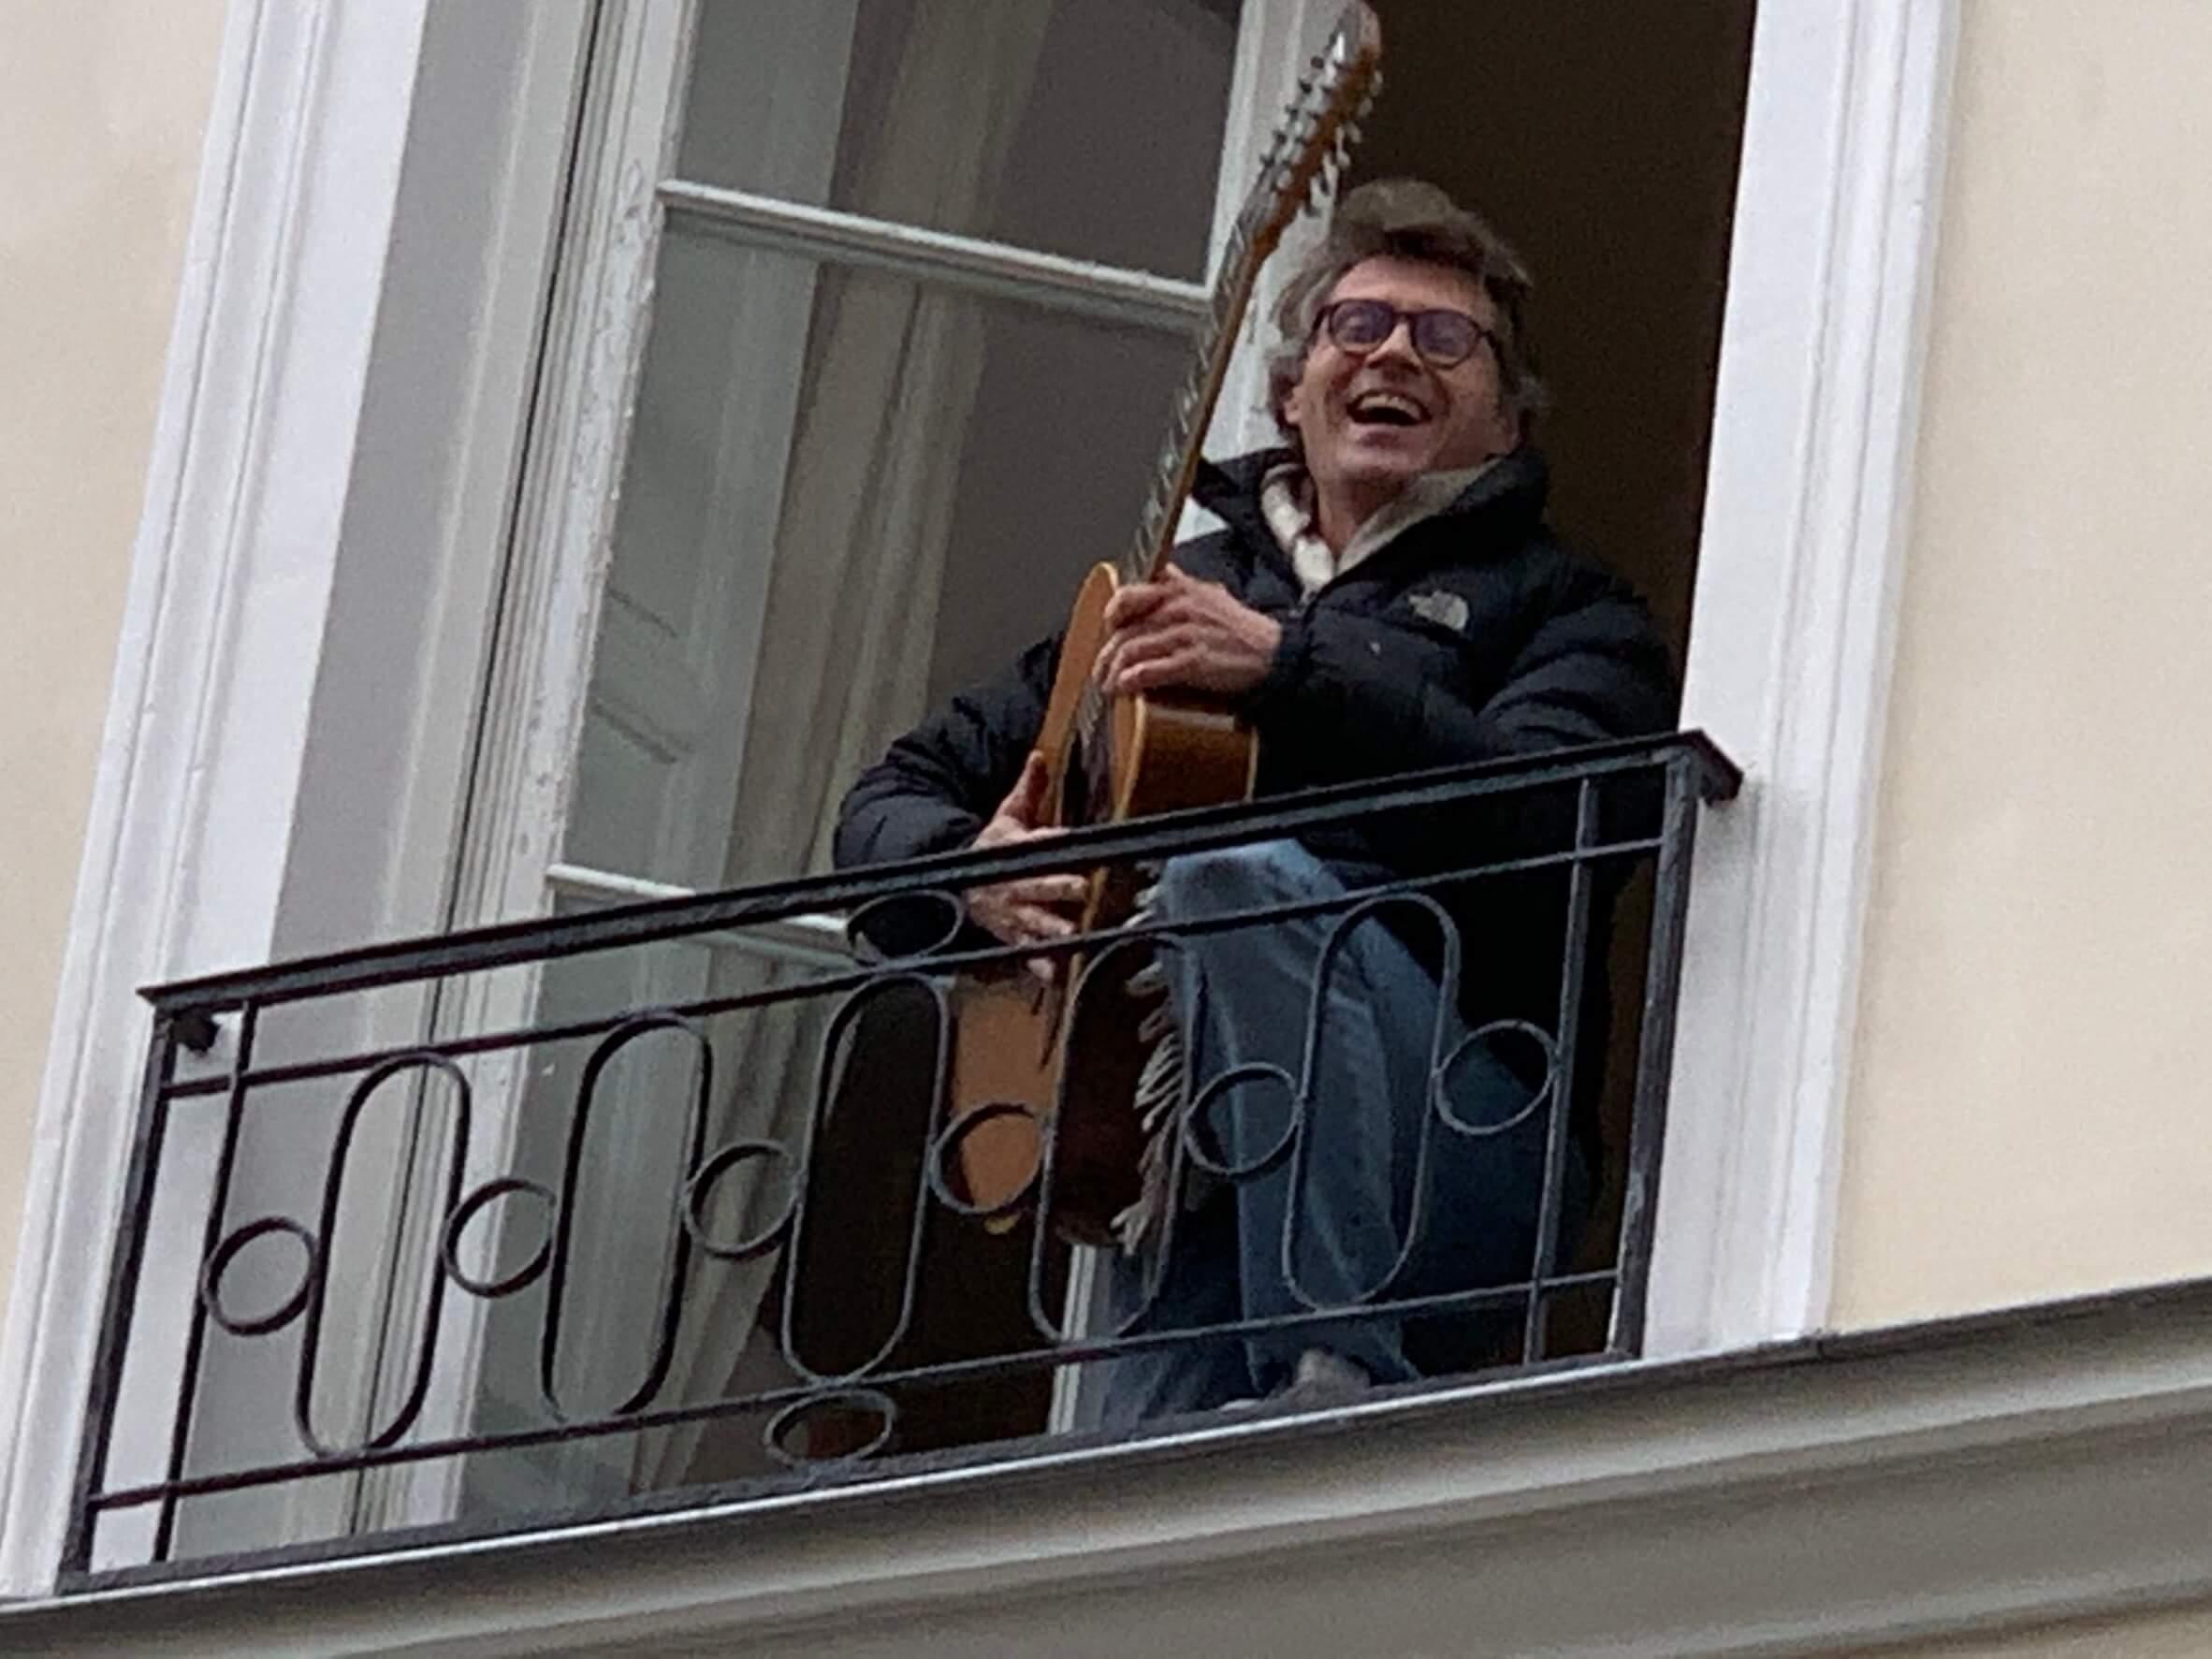 パリ最新情報「速報が続く、悲劇の父の日に、音楽で愛を繋ぐ」